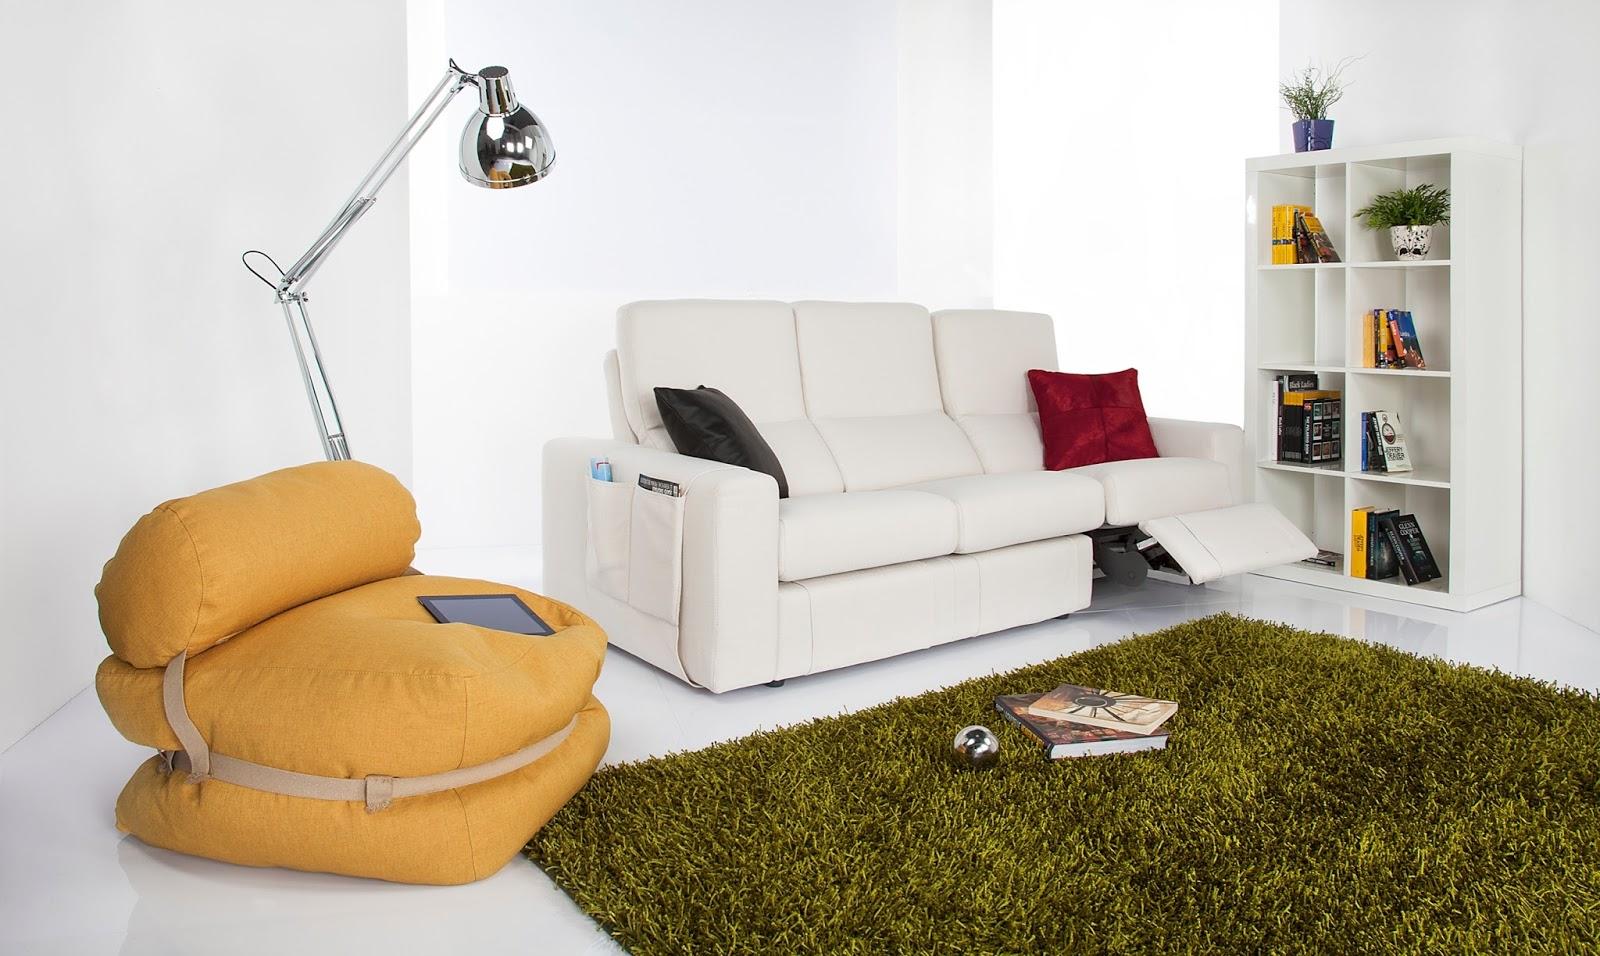 Casa immobiliare accessori divani relax for Divani relax